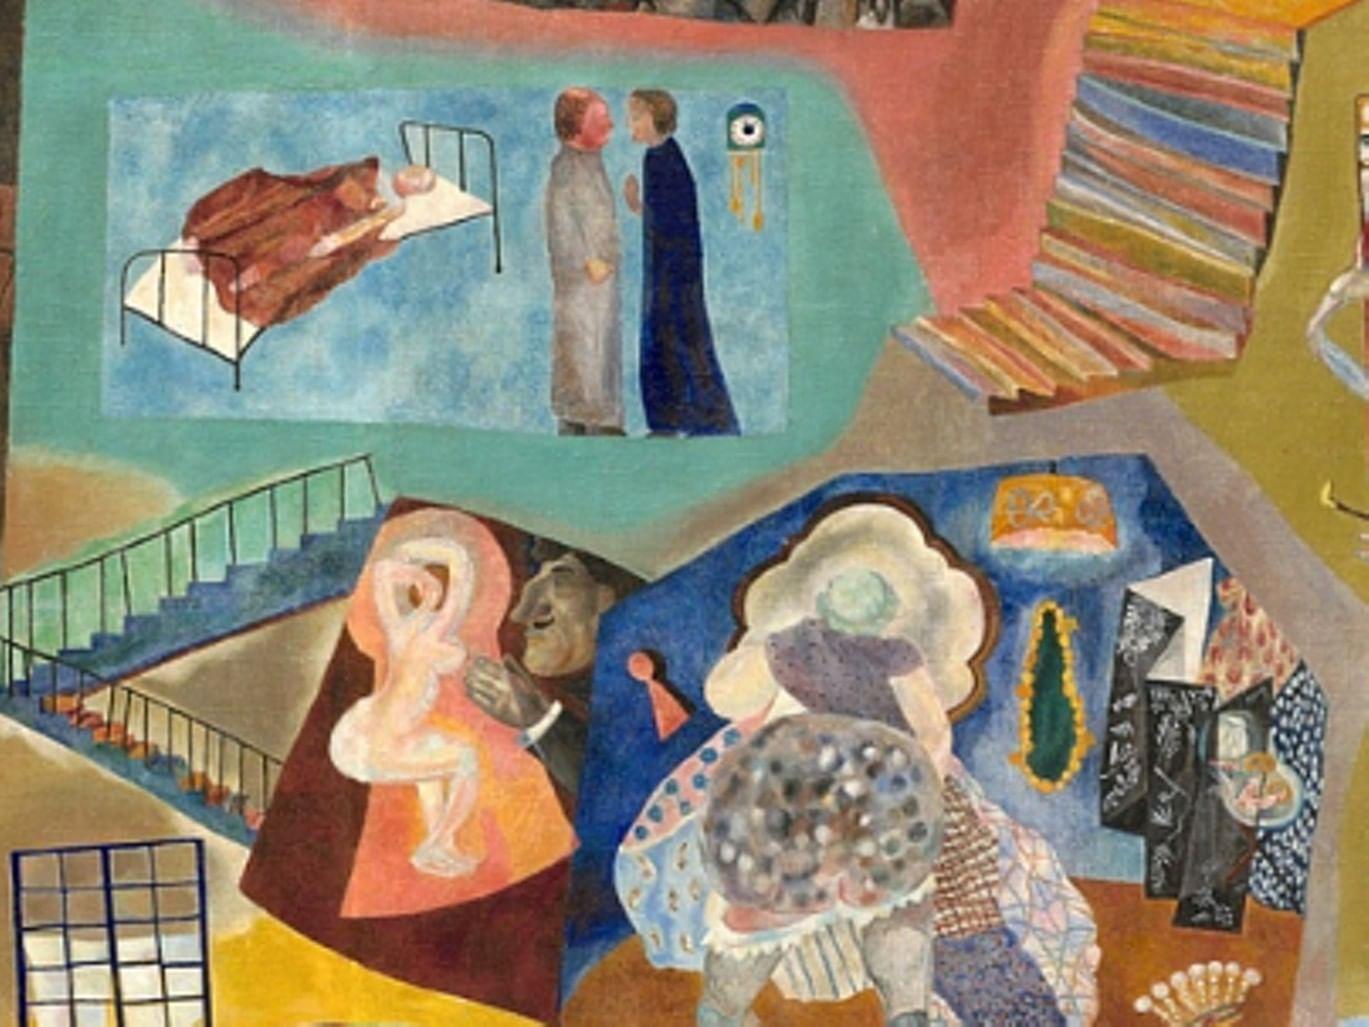 Музейный экспонат: «Дом в разрезе» из Ярославского художественного музея. Галерея 1